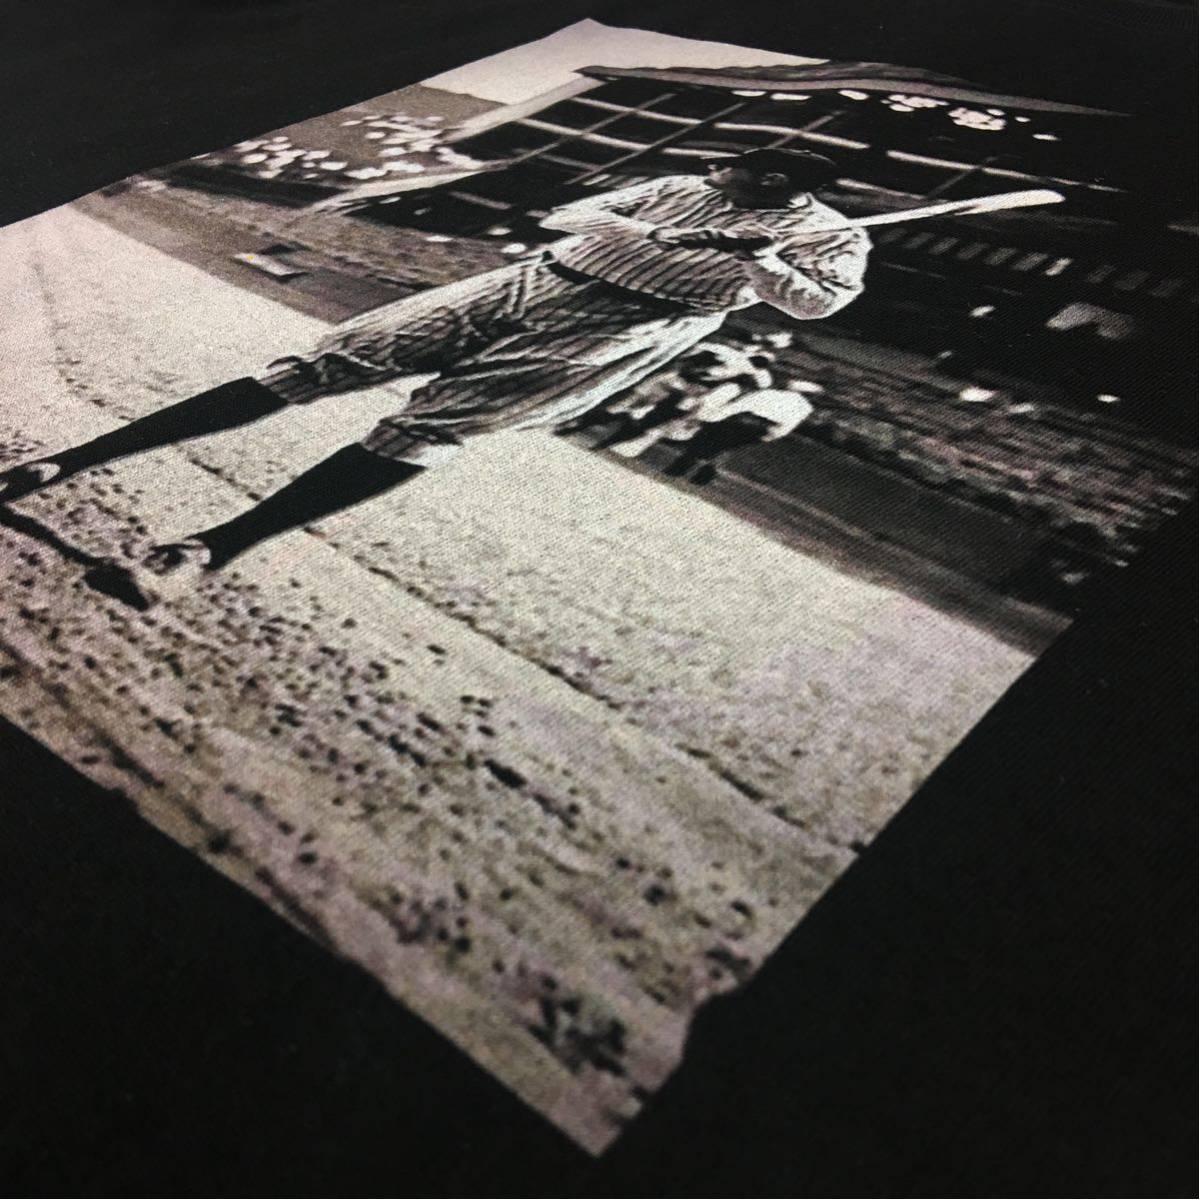 新品 大きい サイズ 専門 XXL~5XL ベーブルース ニューヨーク NY ヤンキース オーバー シルエット ビッグ 黒 Tシャツ ロンT 長袖 対応 OK_画像8